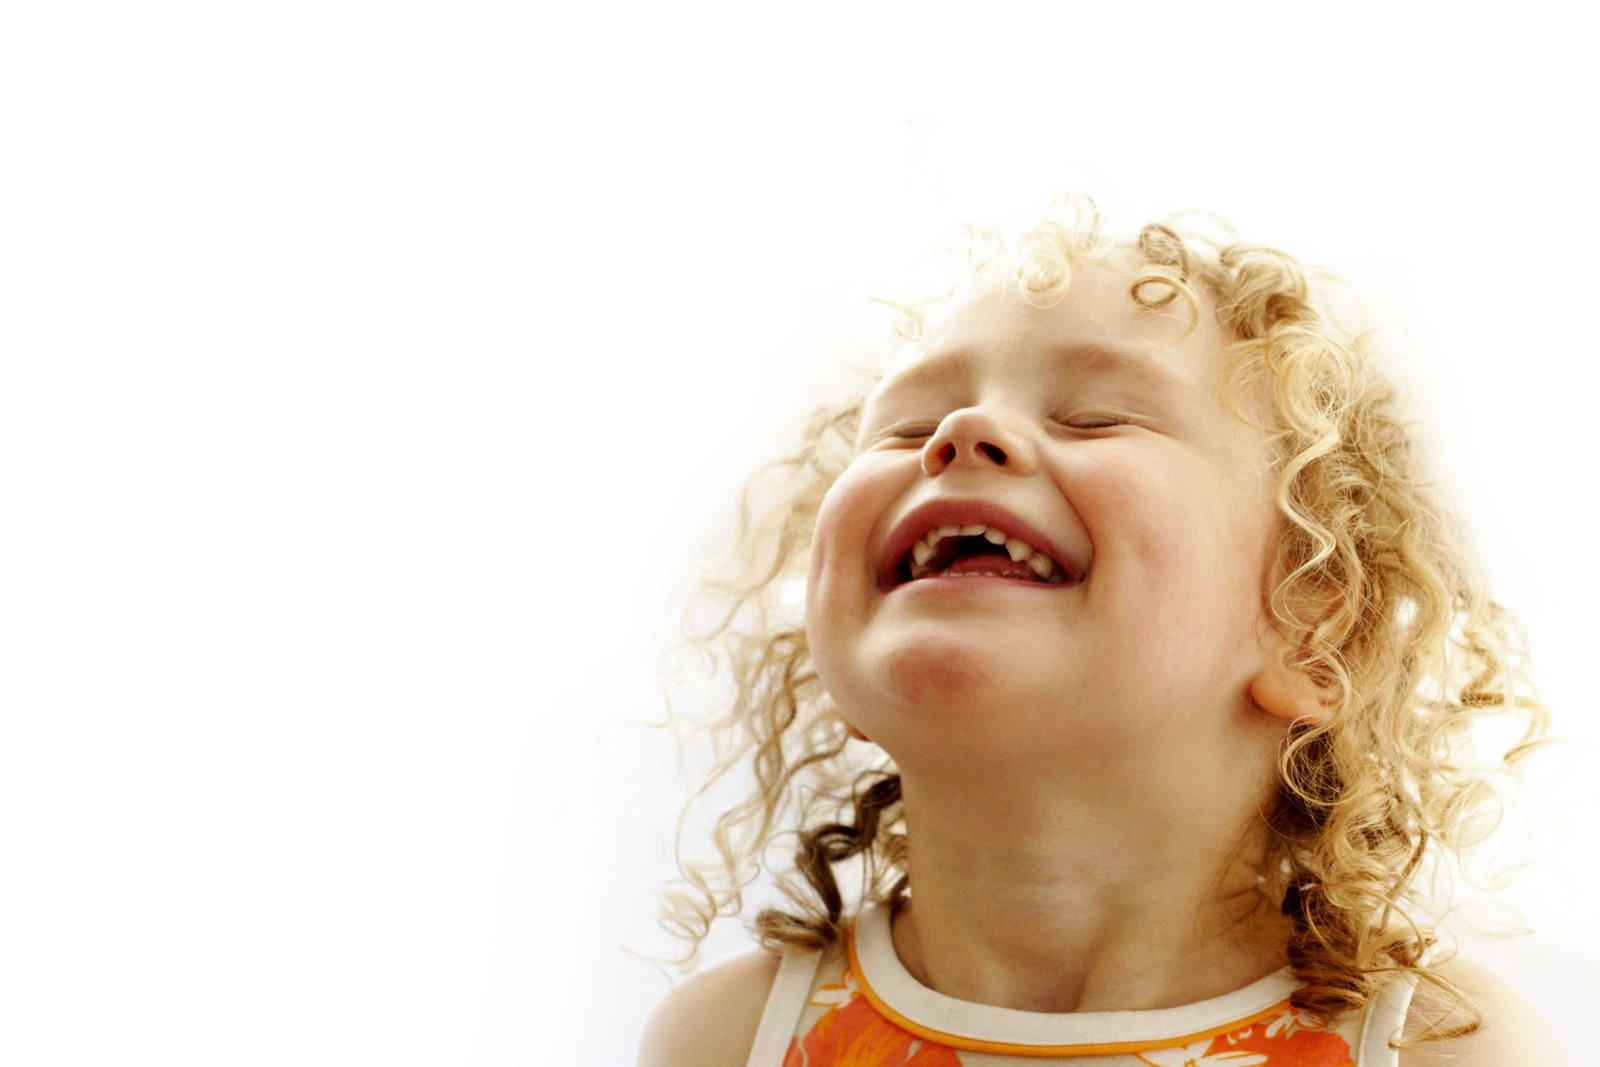 Risas, el Señor y las cosas pequeñas